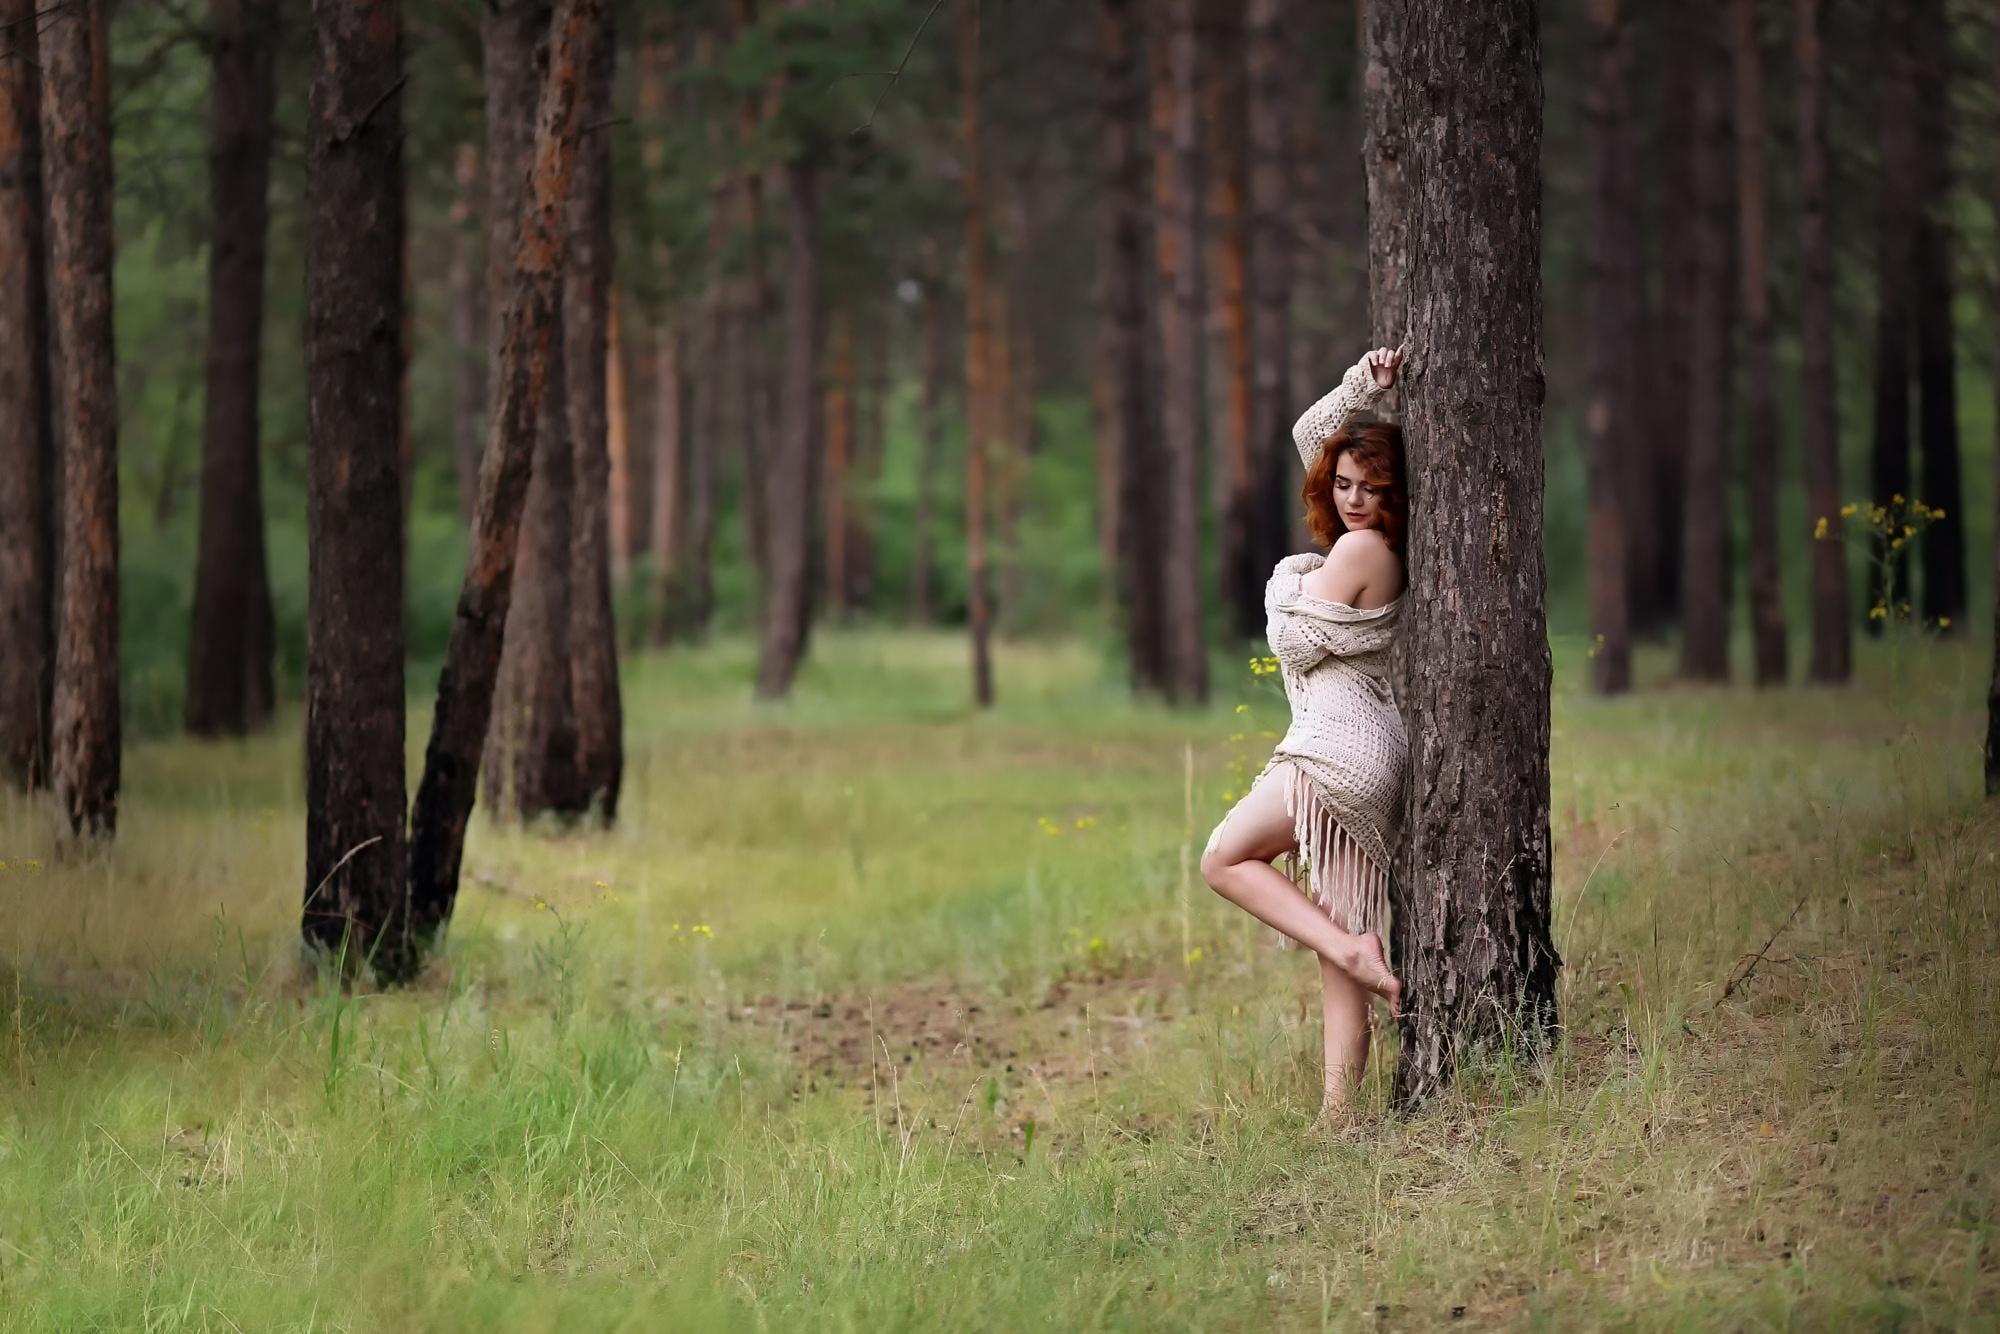 Мамки пор фото в лесу девишник моделей